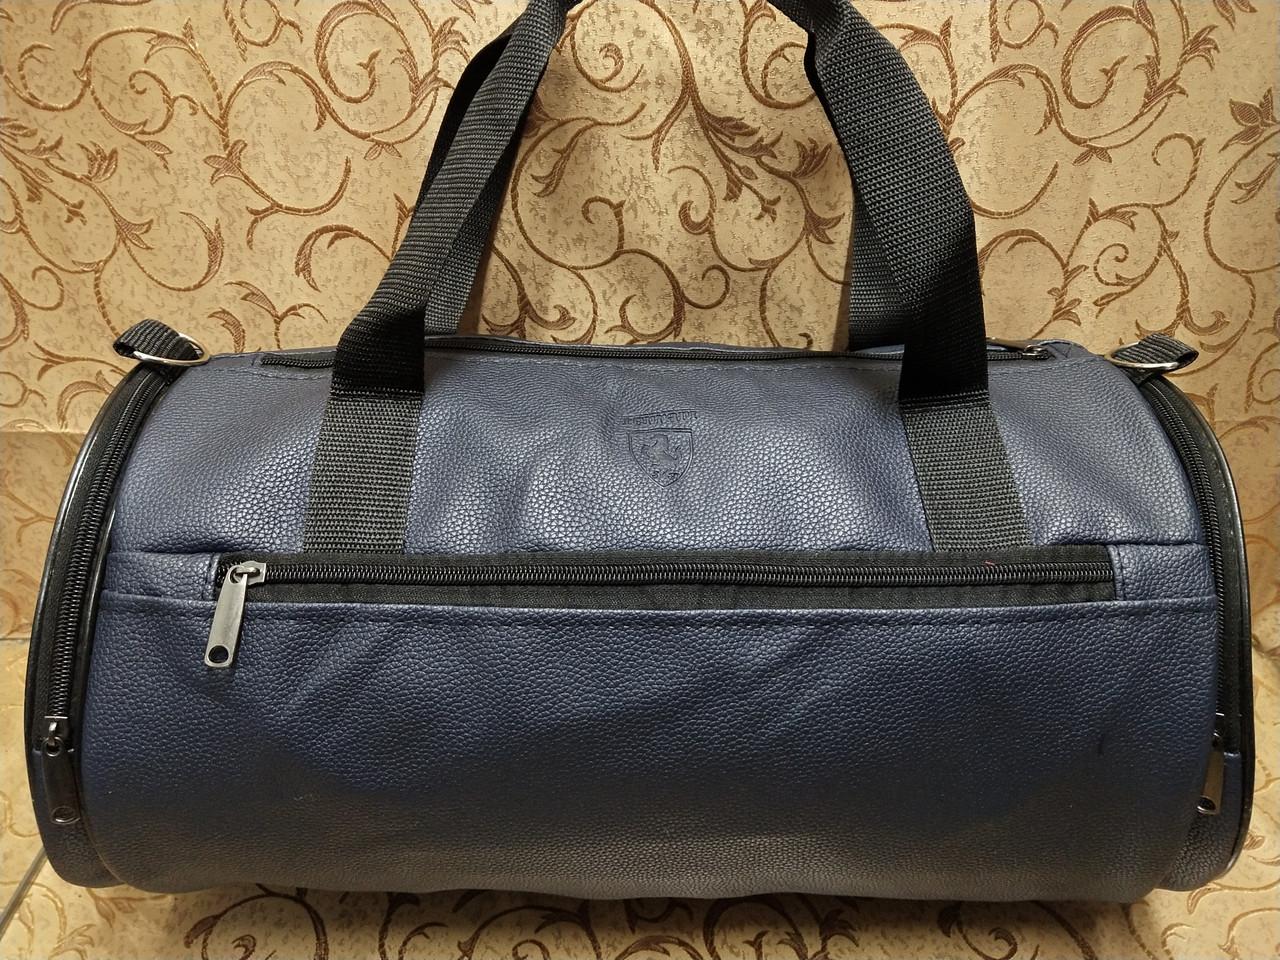 Спортивная сумка стильная логотип Ferrari искусств кожа-Отличное качество Женщины и мужчины сумка оп